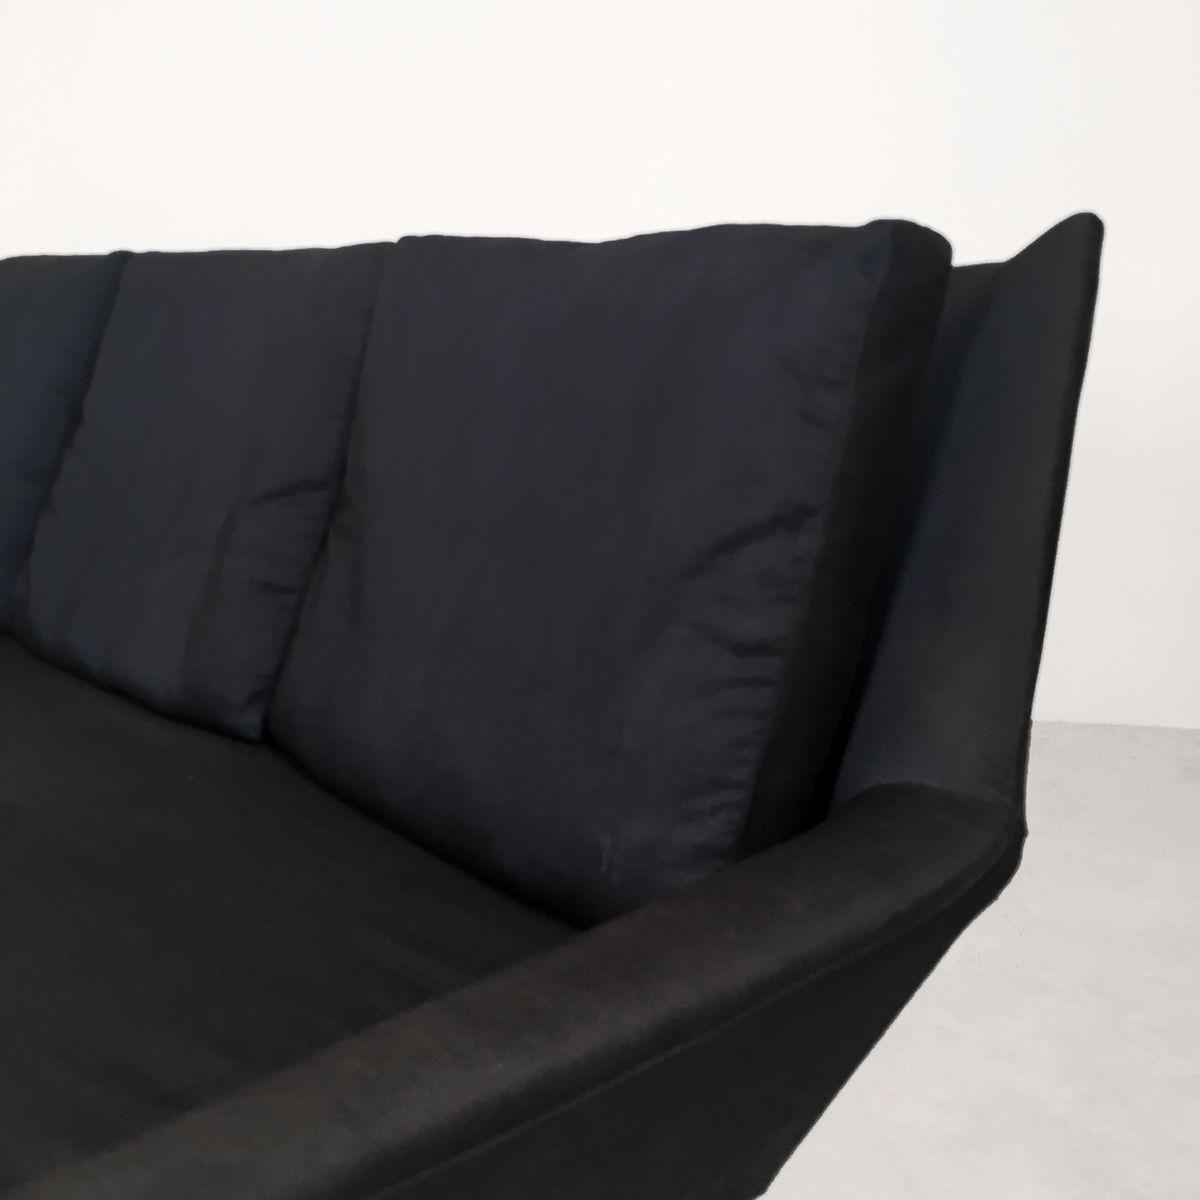 schwarzes drei sitzer sofa von wilhelm knoll 1950er bei pamono kaufen. Black Bedroom Furniture Sets. Home Design Ideas